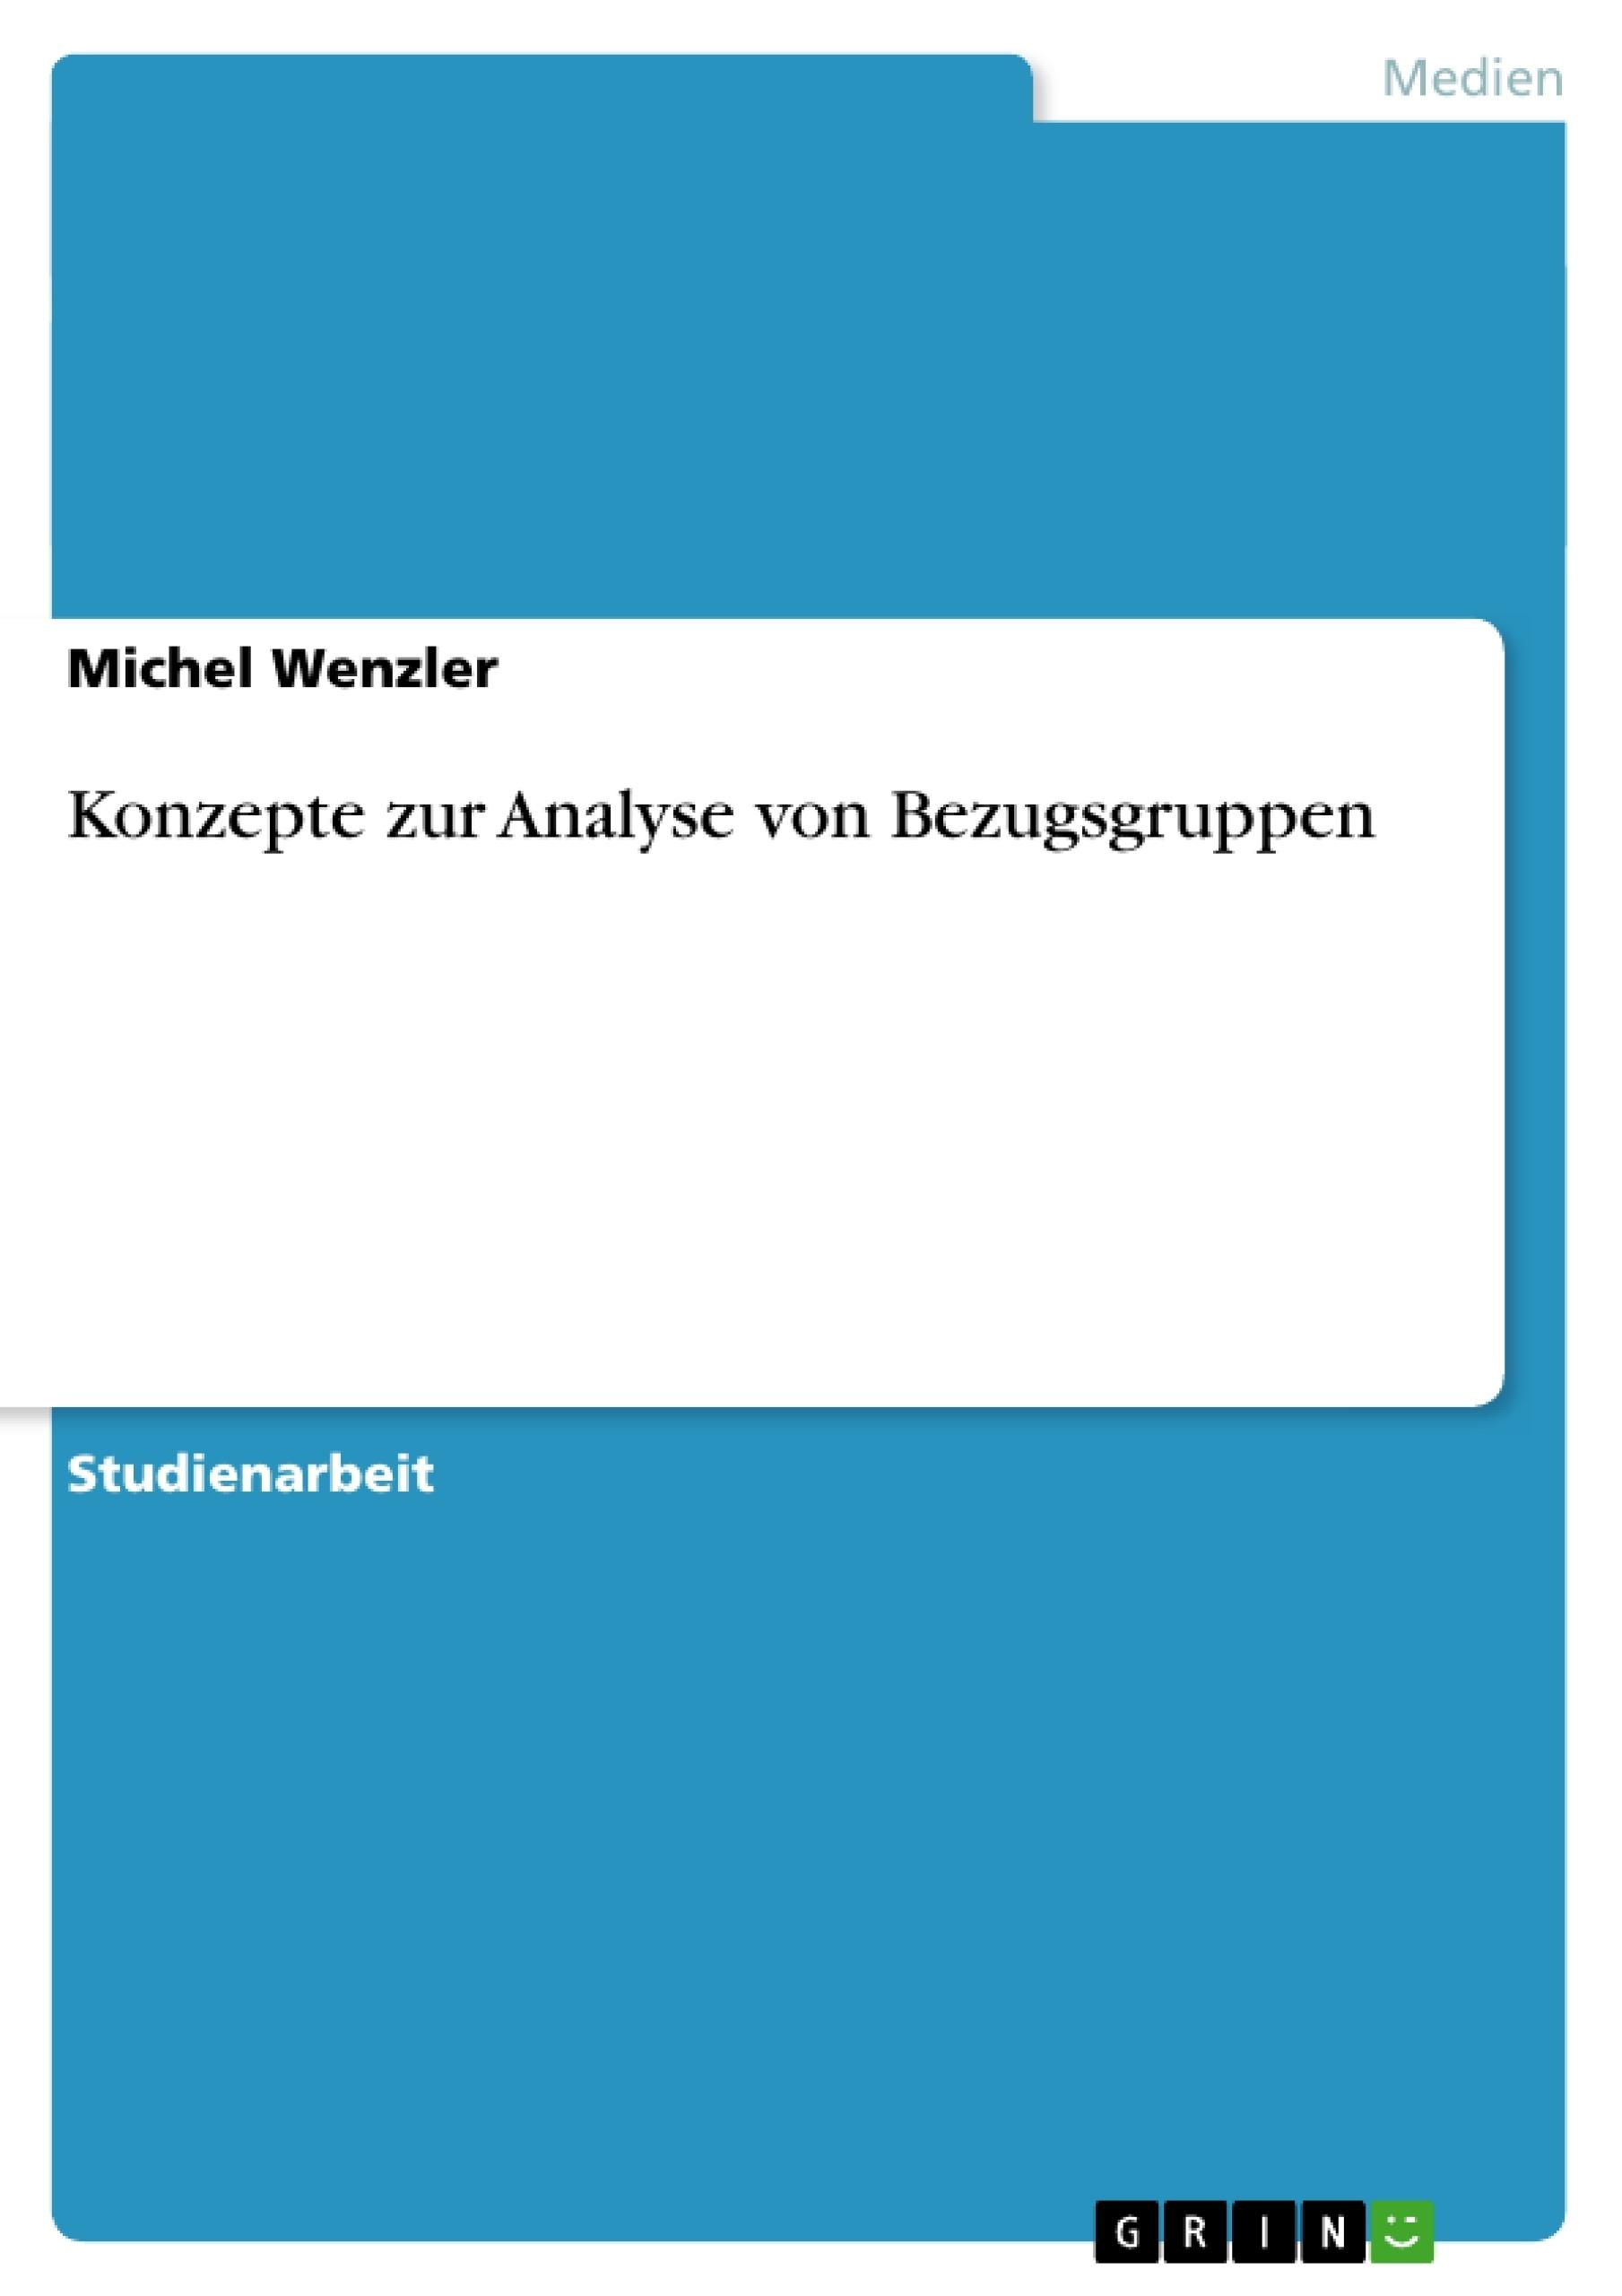 Titel: Konzepte zur Analyse von Bezugsgruppen